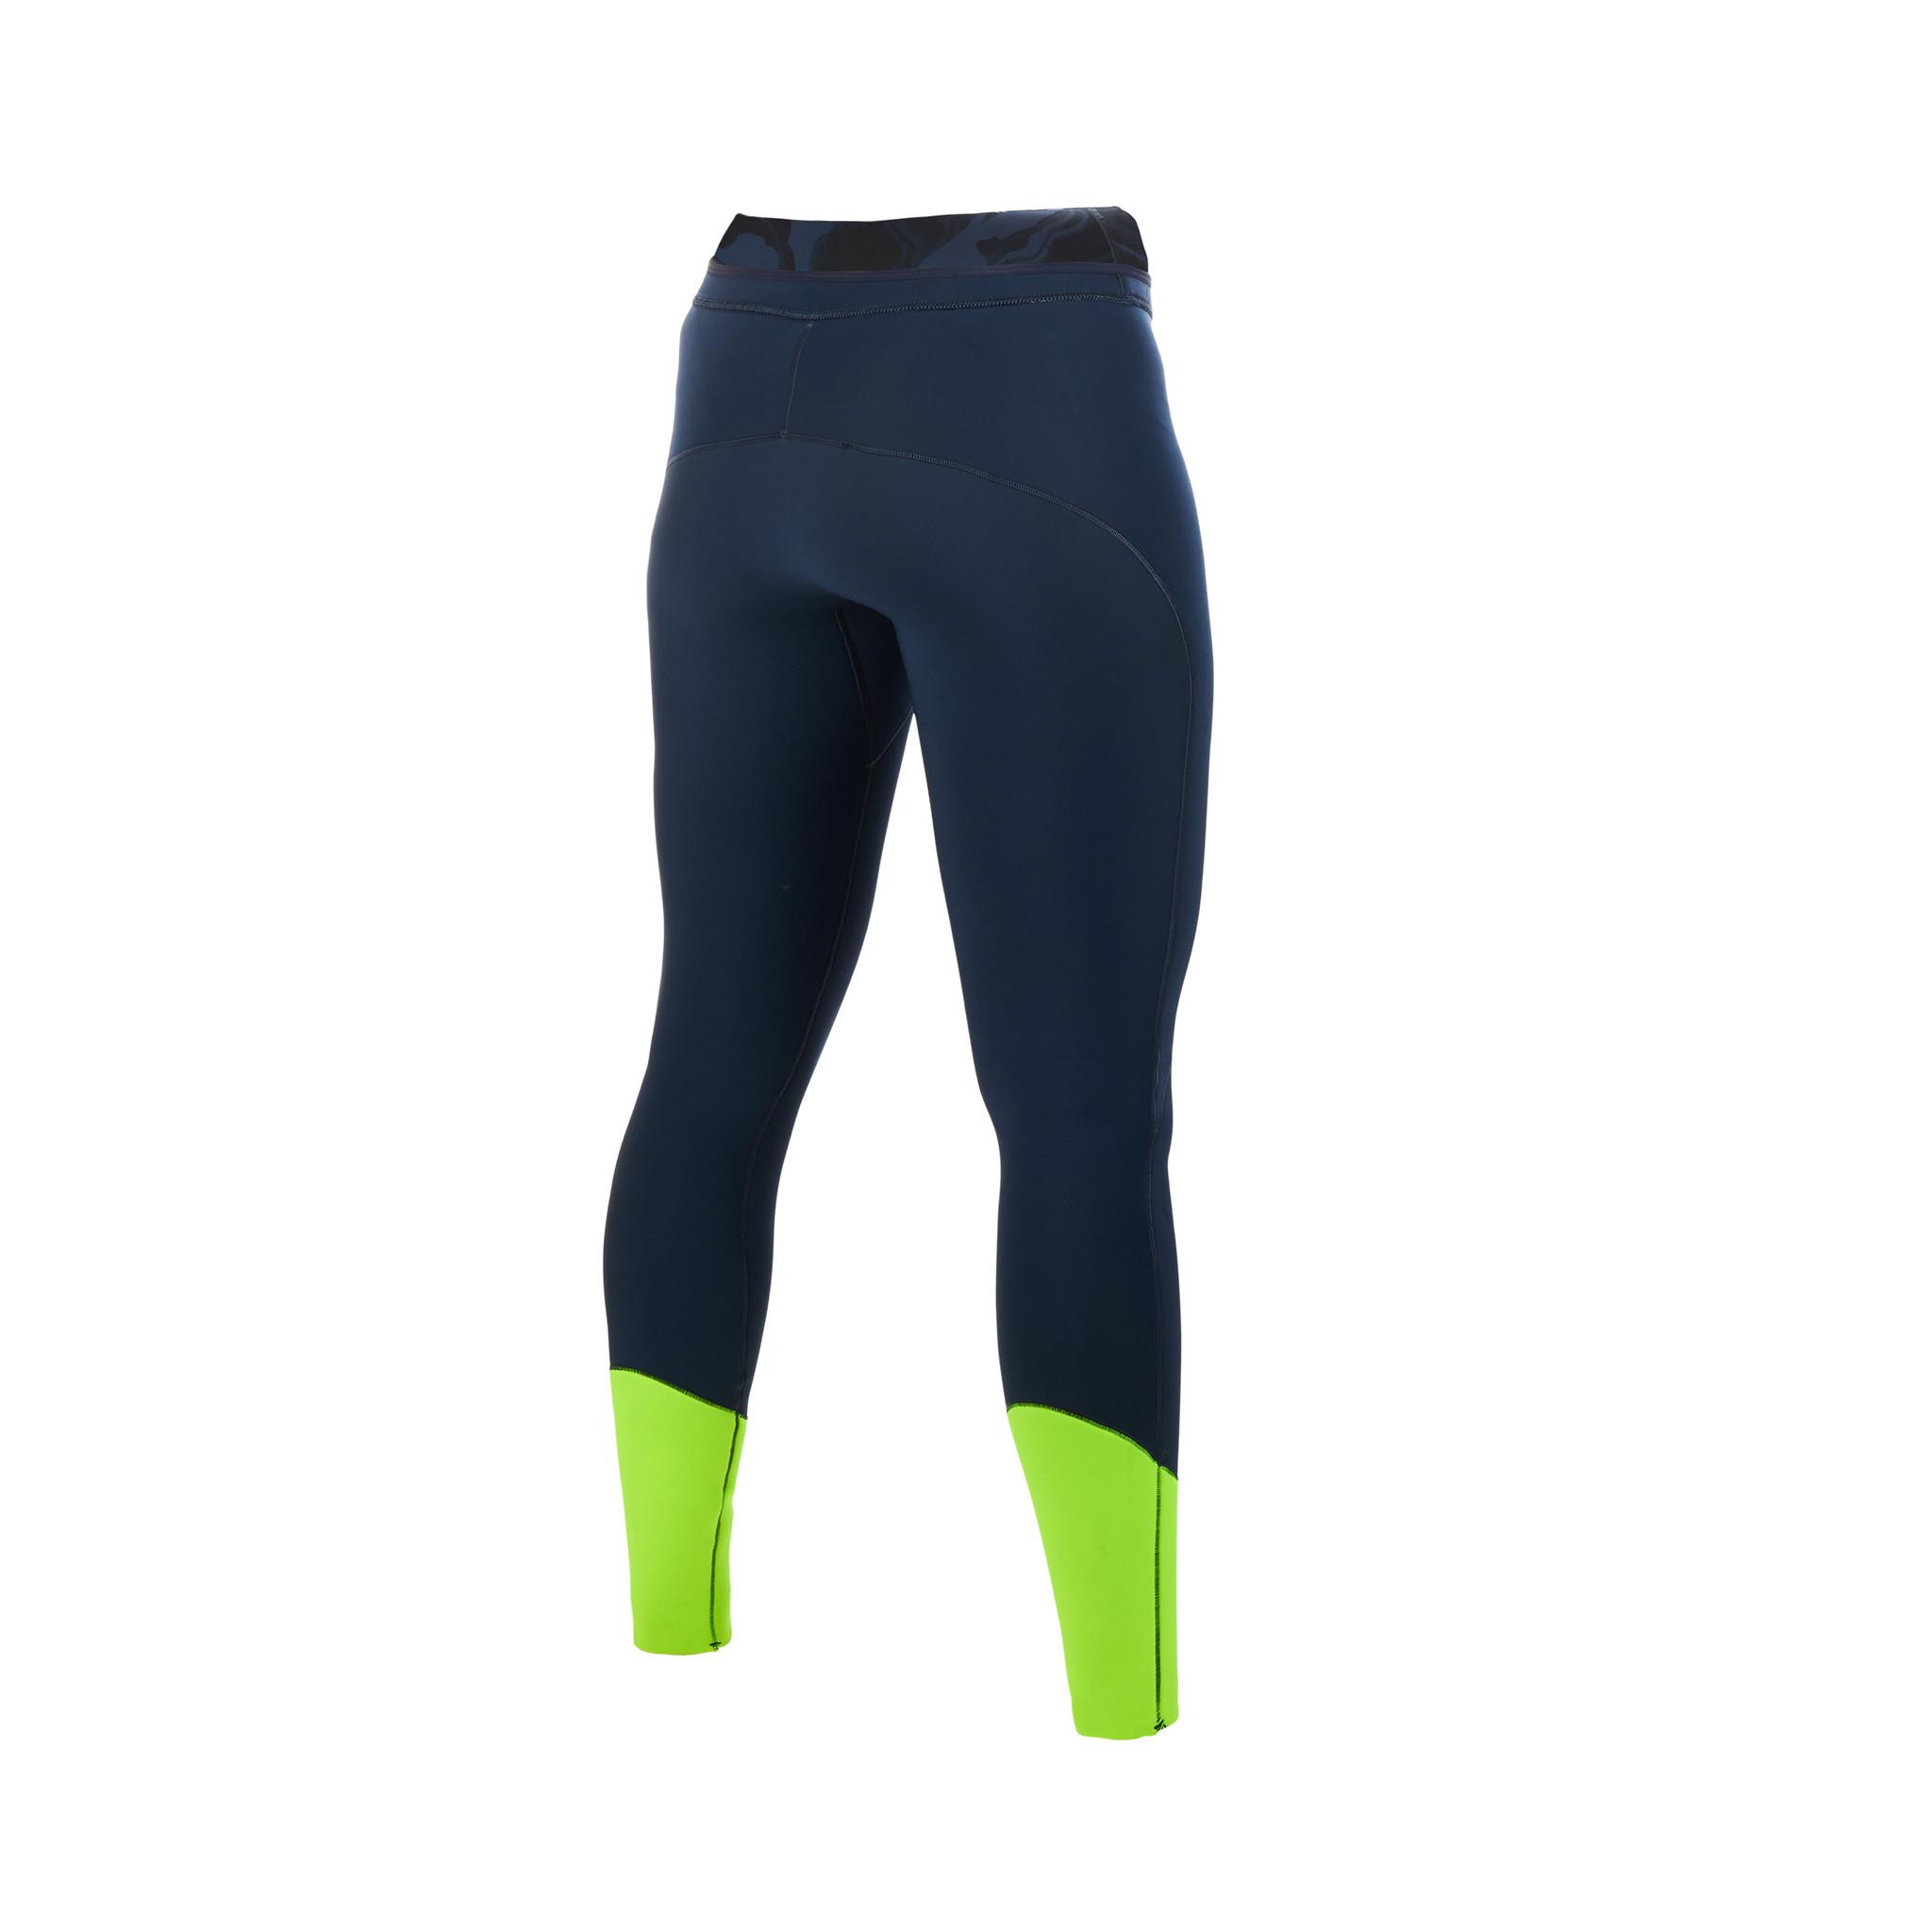 Mystic Mystic Diva neoprene pants 2 mm women Navy/Lime